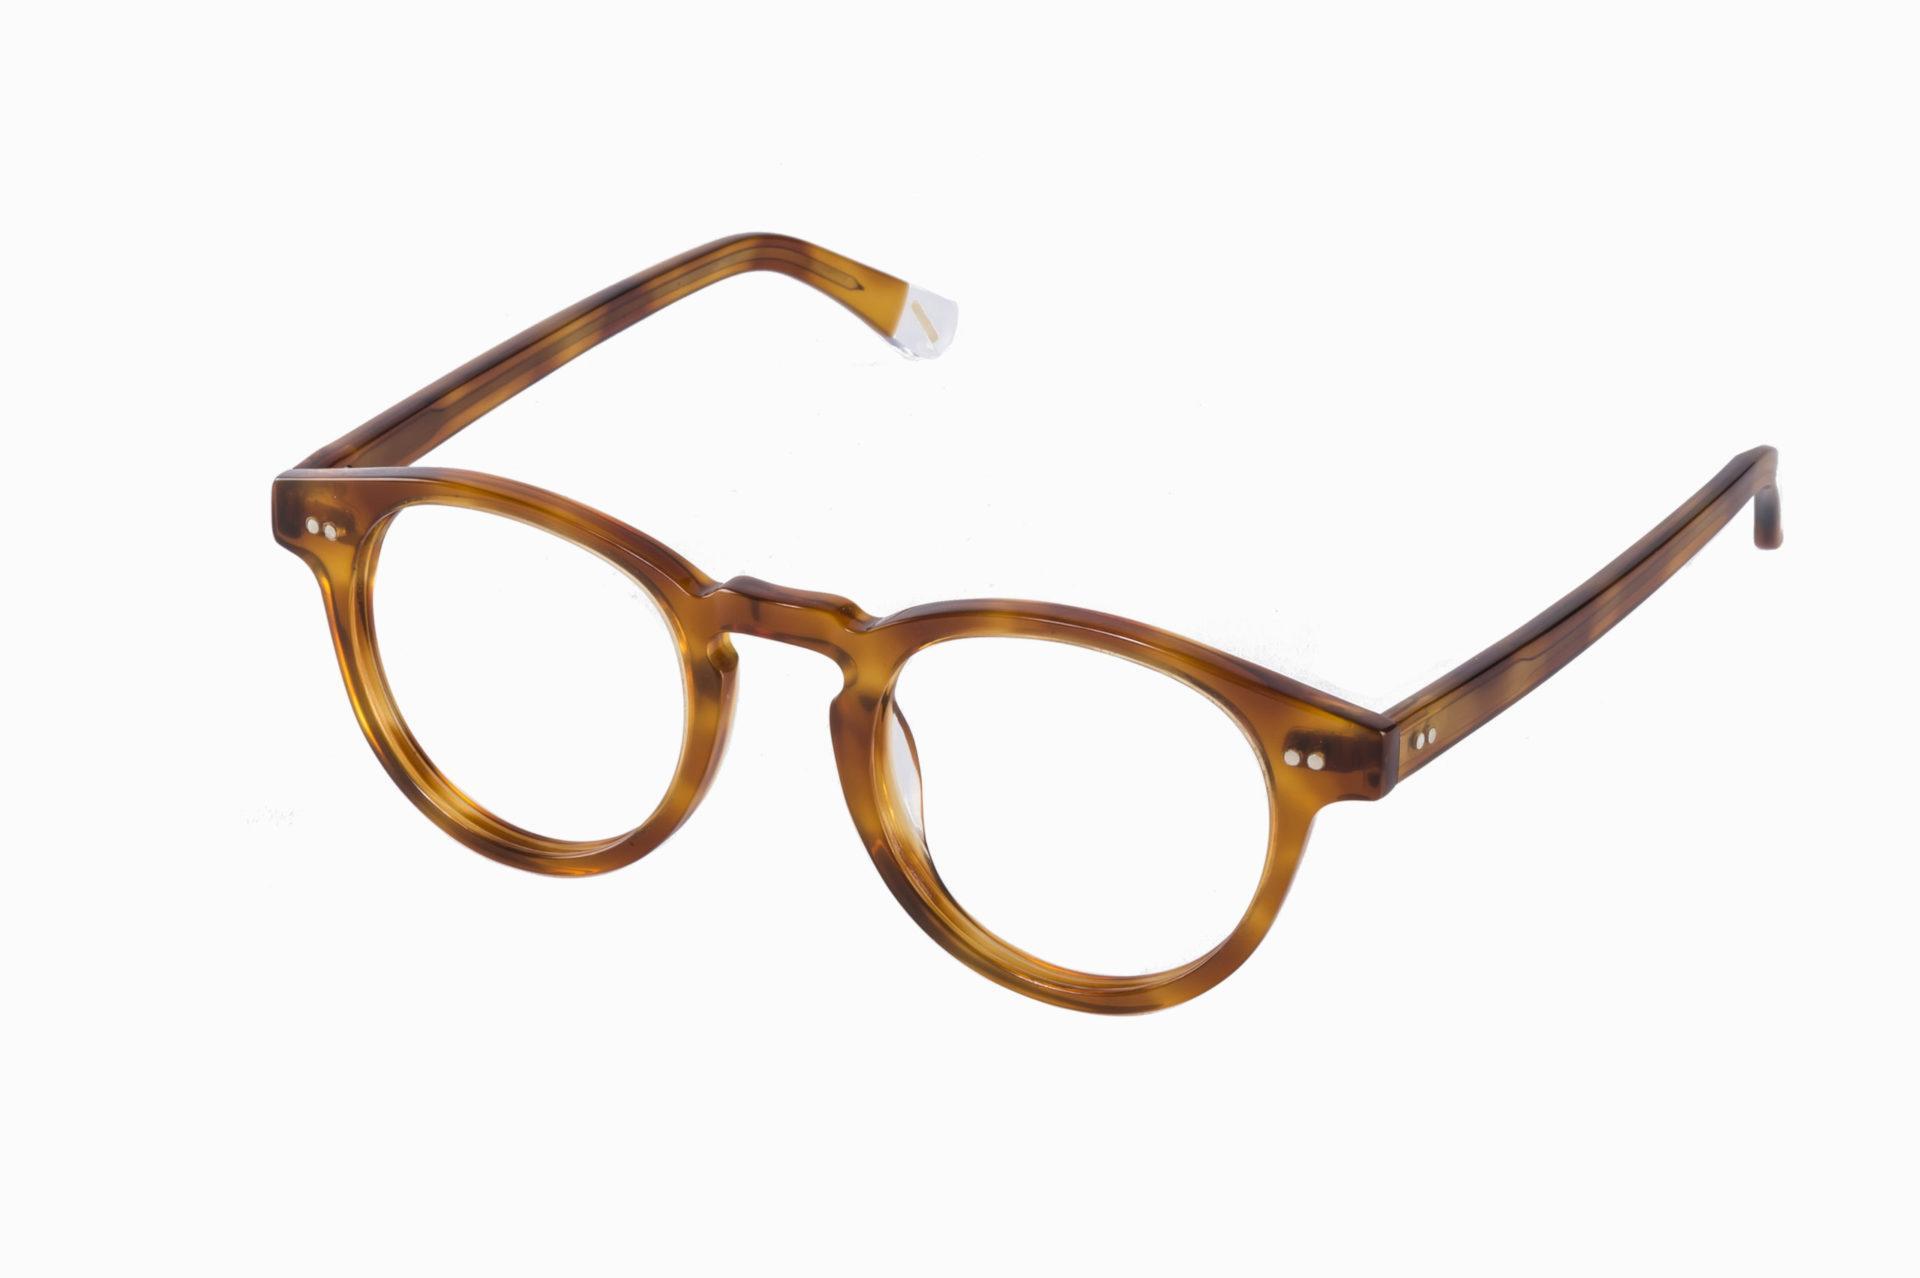 lunette profil augustec8rx